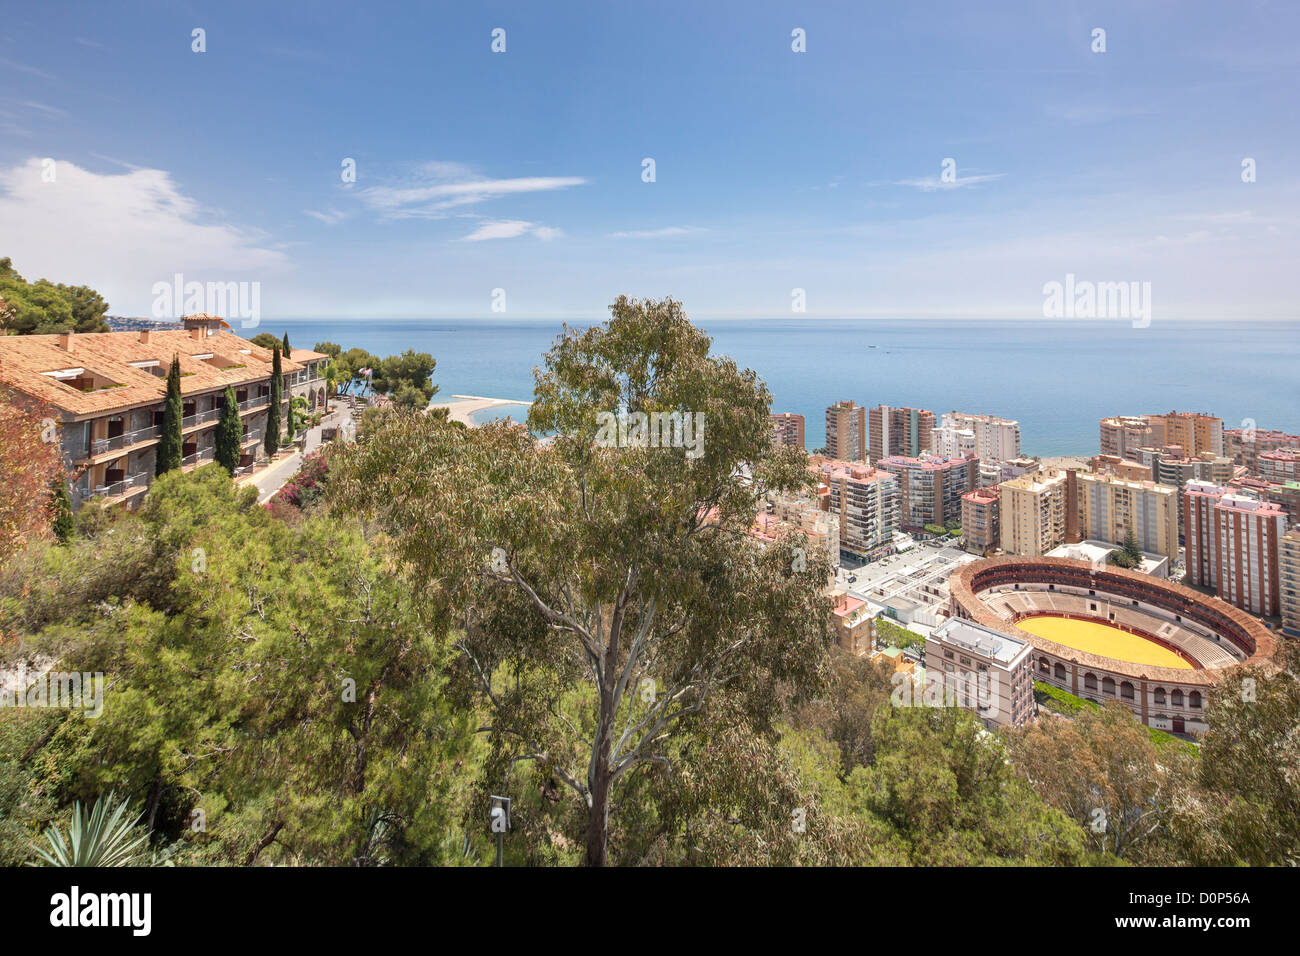 Malaga Parador de Gibralfaro Hotel. Beautiful location best view vista Mediterranean sea shore coastline city town - Stock Image